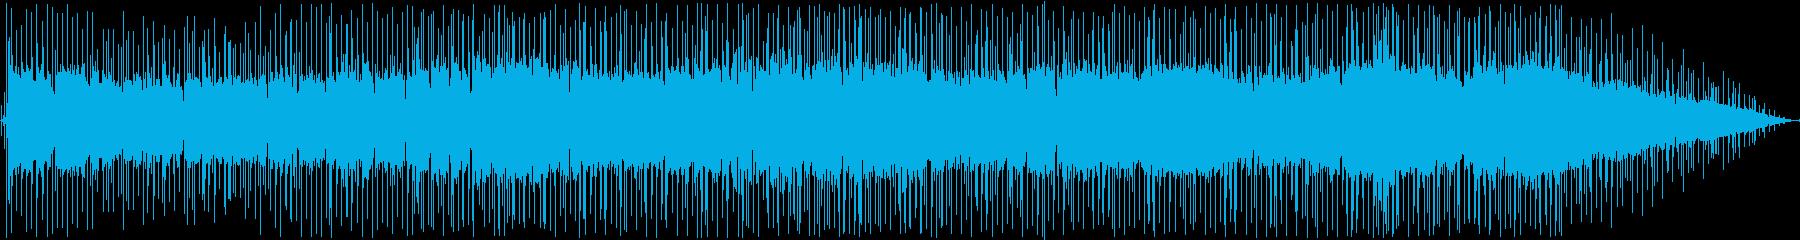 12/8時間の暗い、憂鬱なロックピ...の再生済みの波形